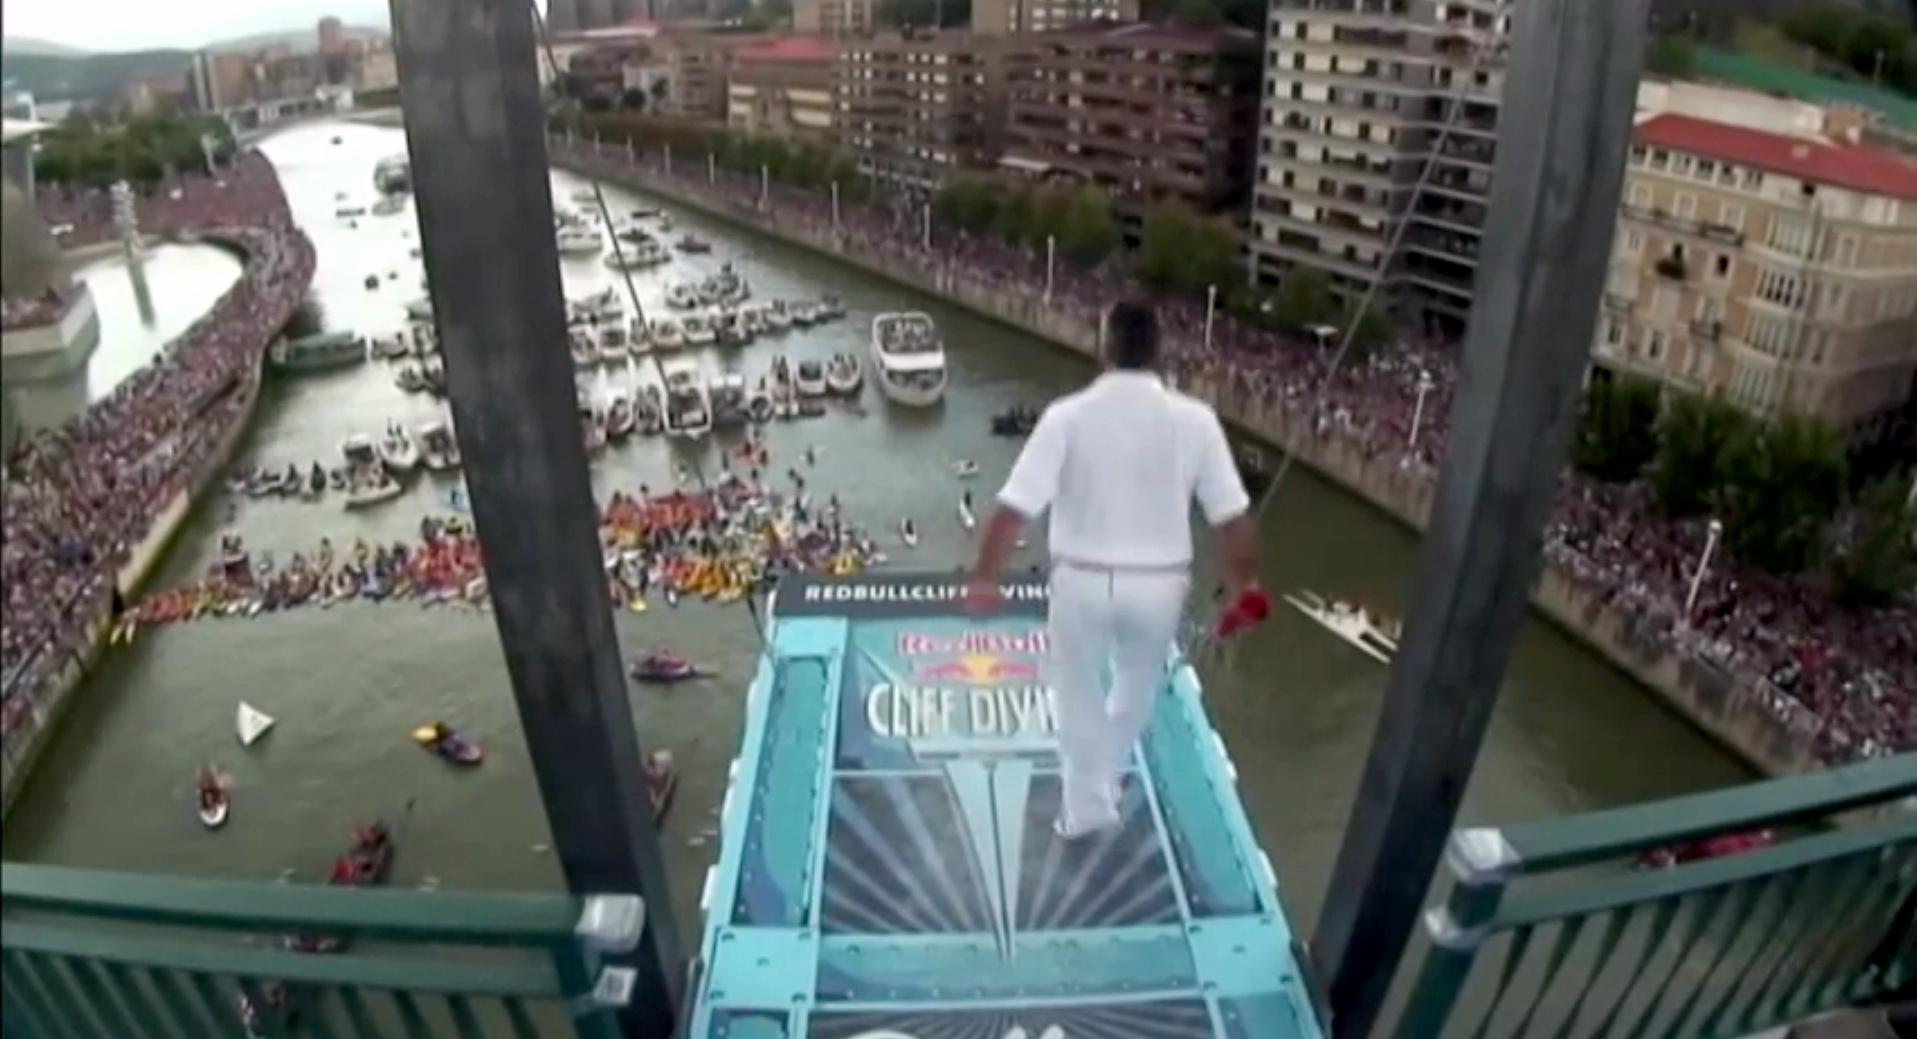 Aurresku en la plataforma del #RedBullCliffDiving 2014 de #Bilbao